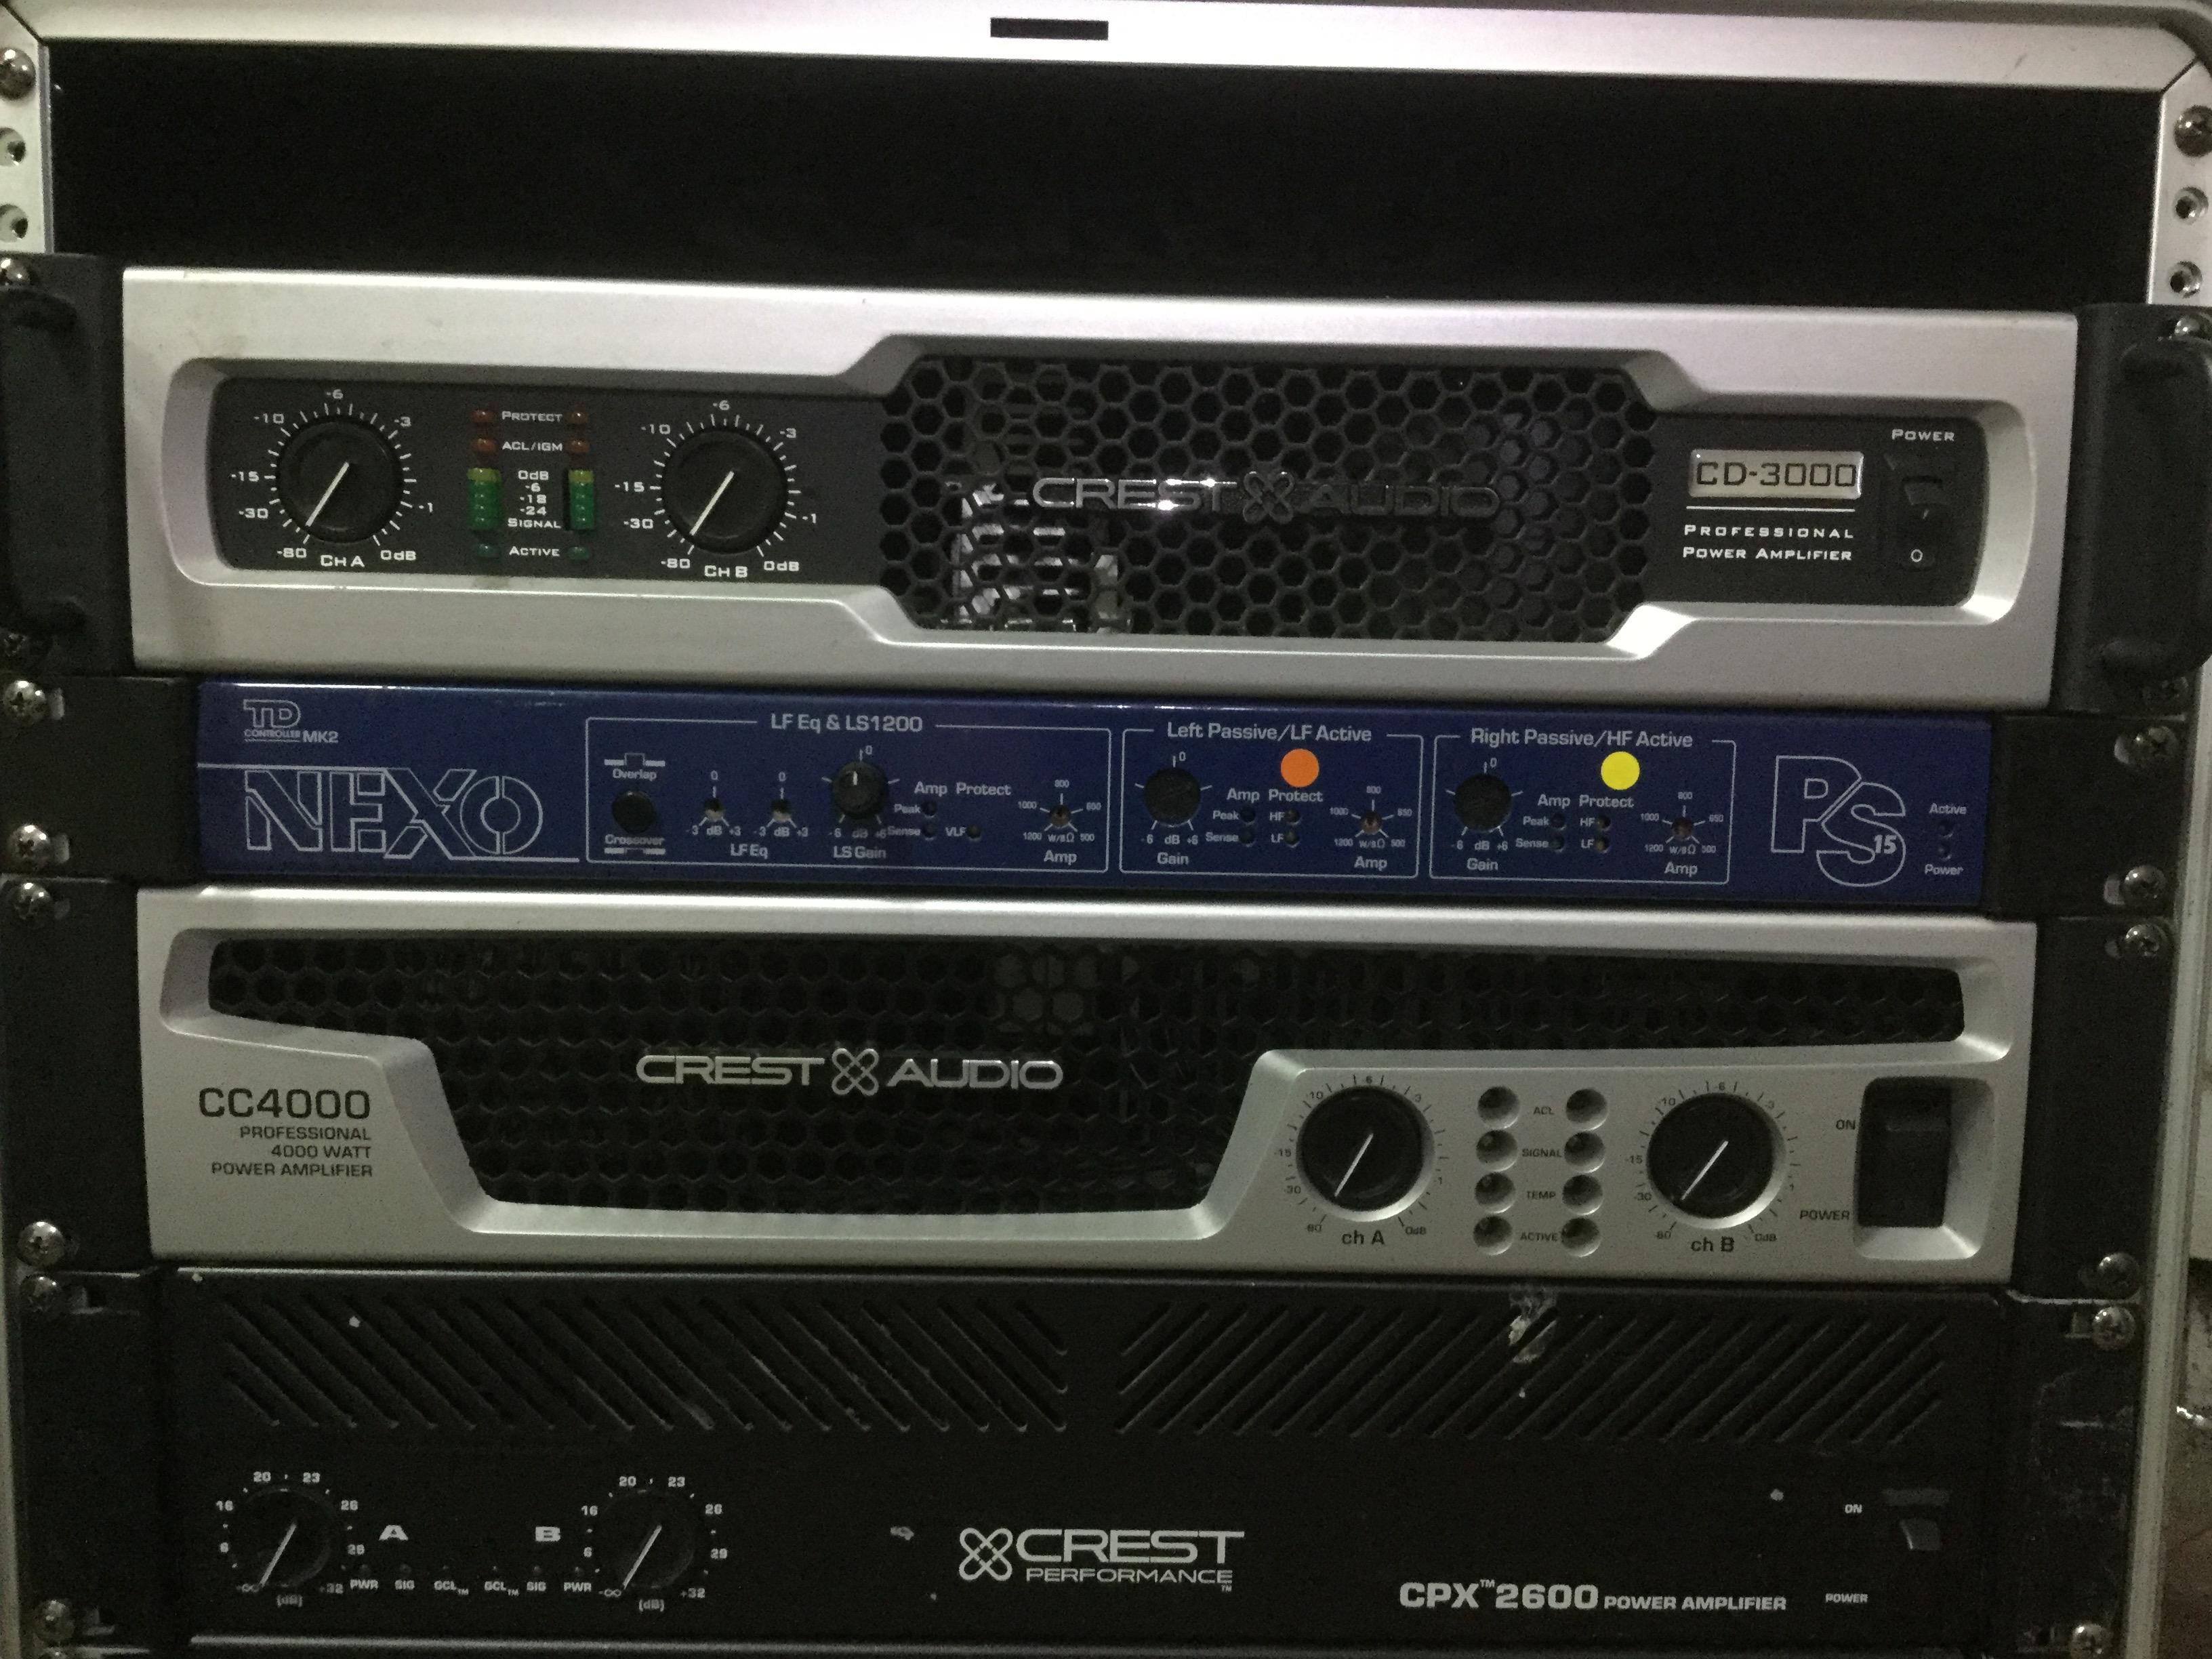 crest audio cc 4000 image 2187416 audiofanzine rh en audiofanzine com Amplifiers Crest Audio CD 4000 Crest CC4000 Specs